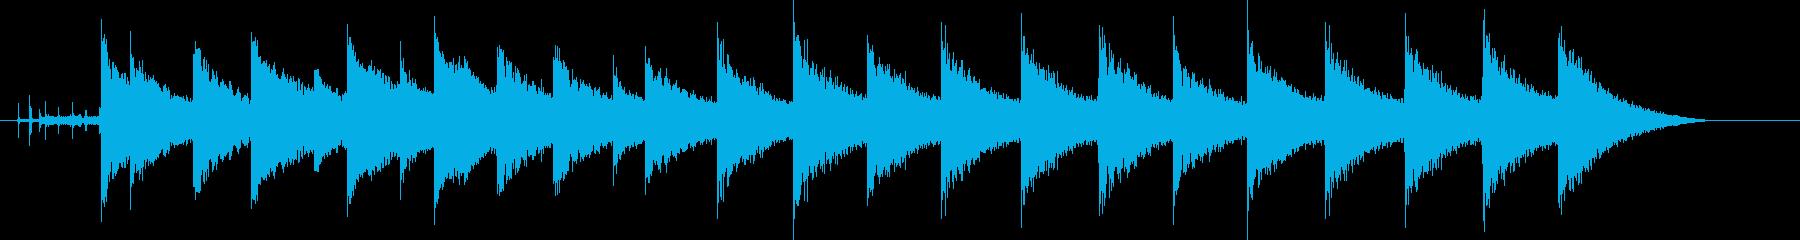 マンテル時計;チャイム;マンテル時...の再生済みの波形